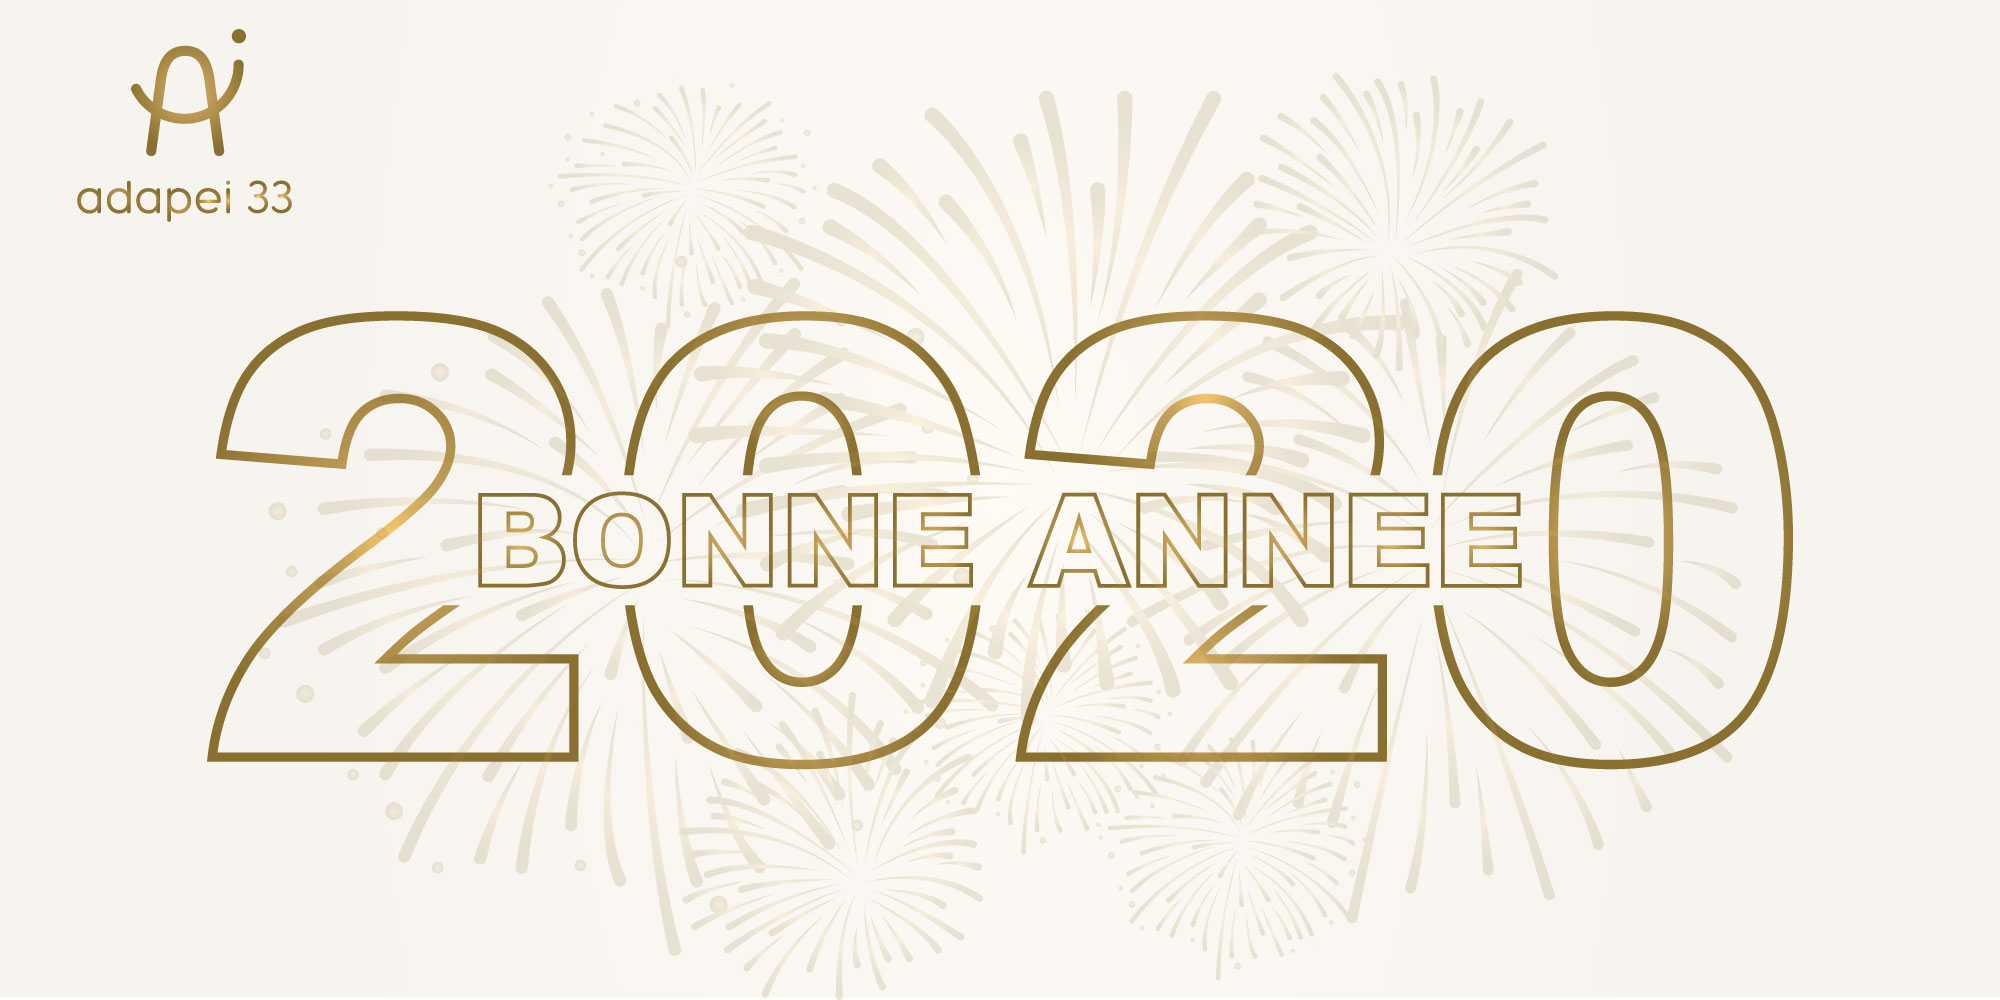 Meilleurs vœux pour cette nouvelle année !